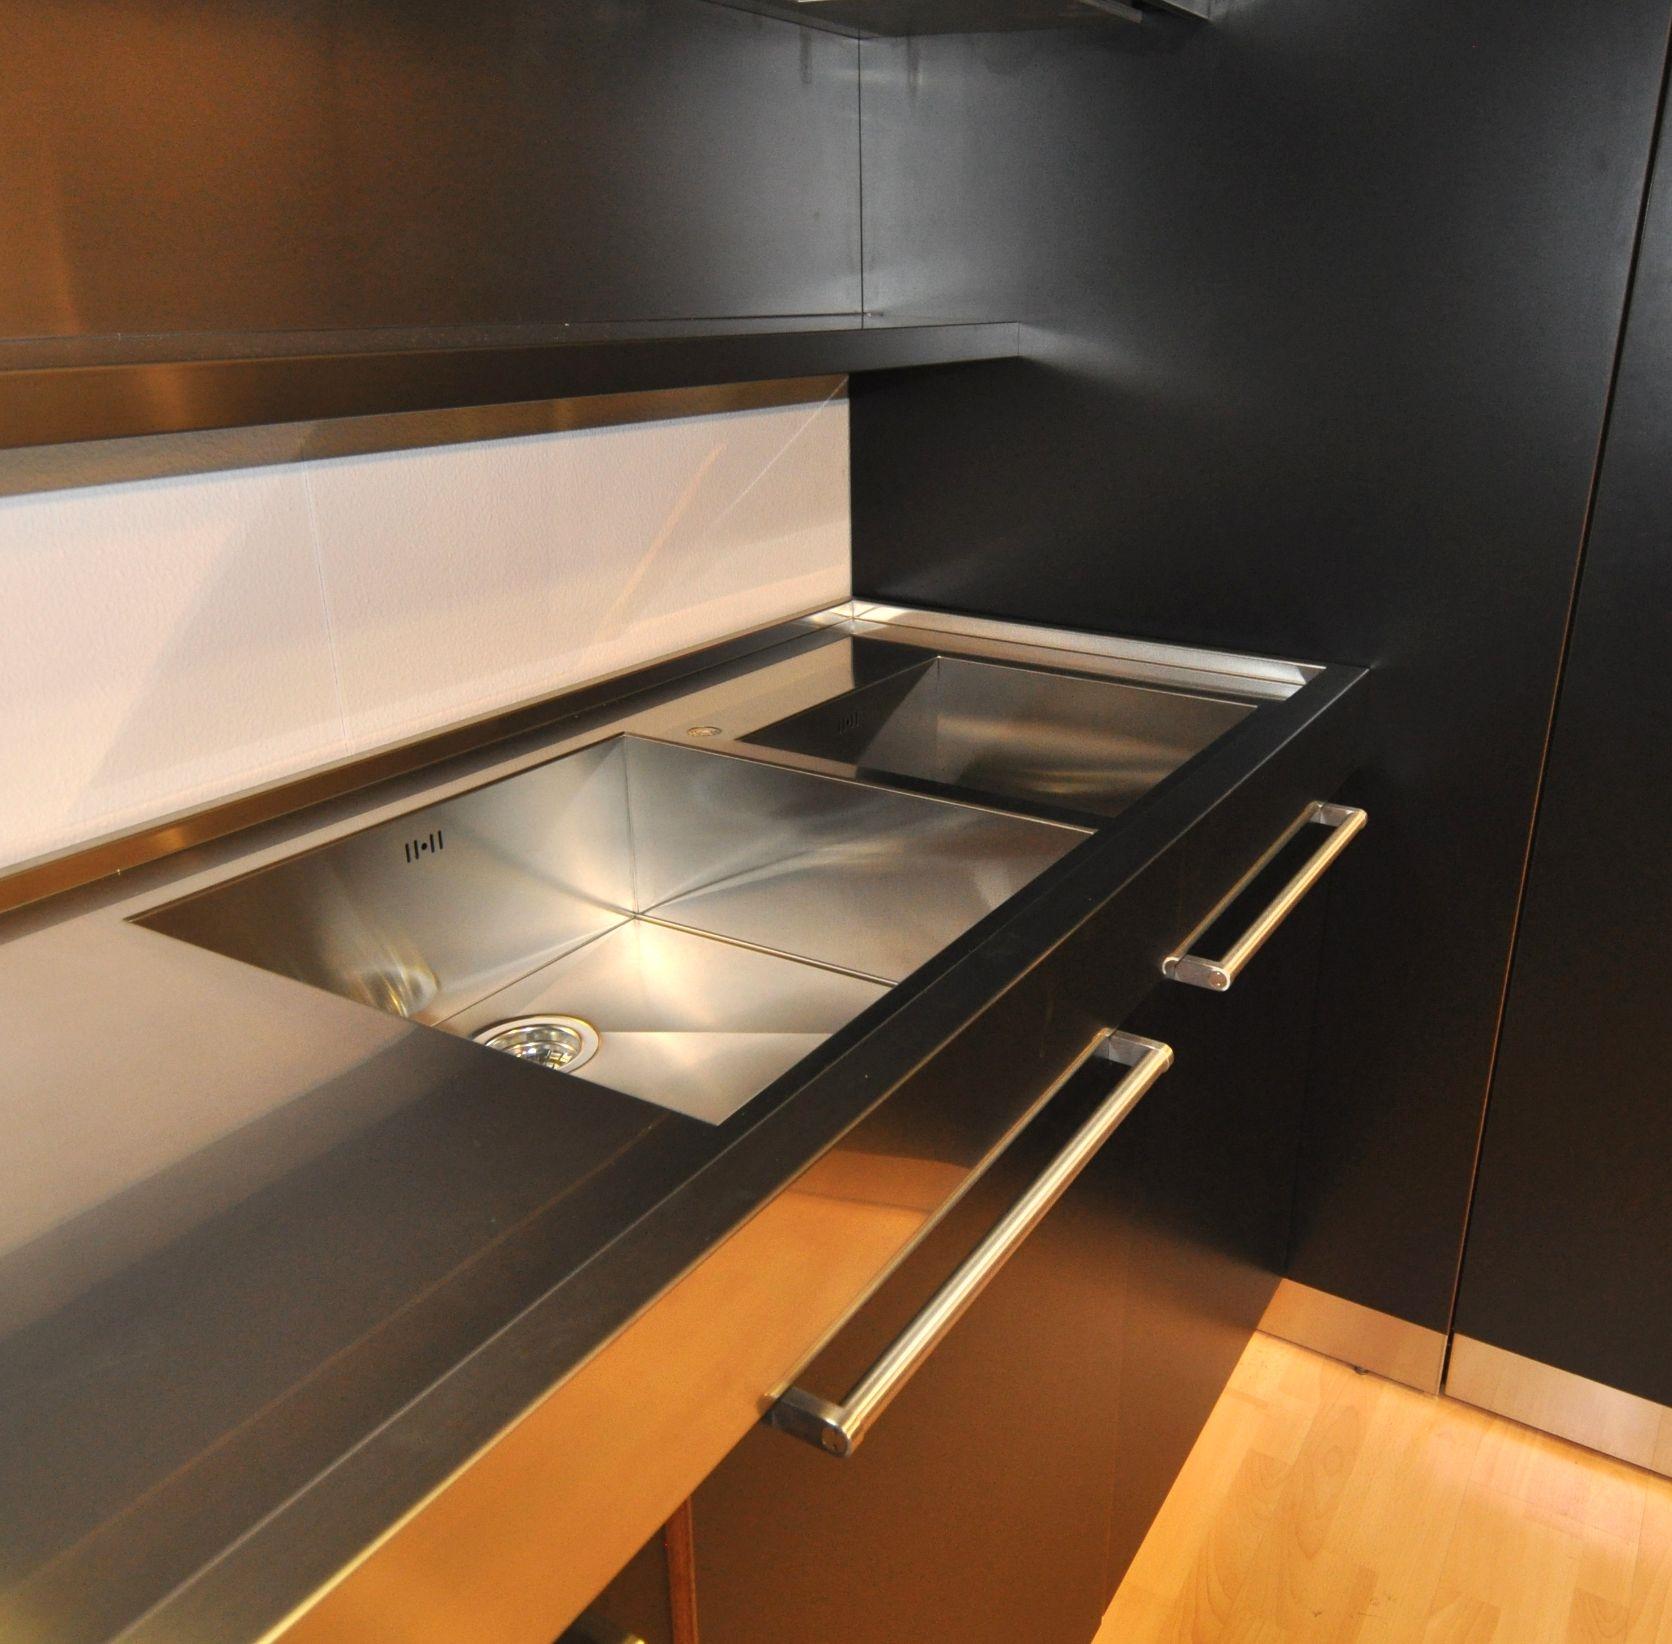 Cucina Arclinea Outlet - Disegni Interni Ed Esterni - Boxgro.com